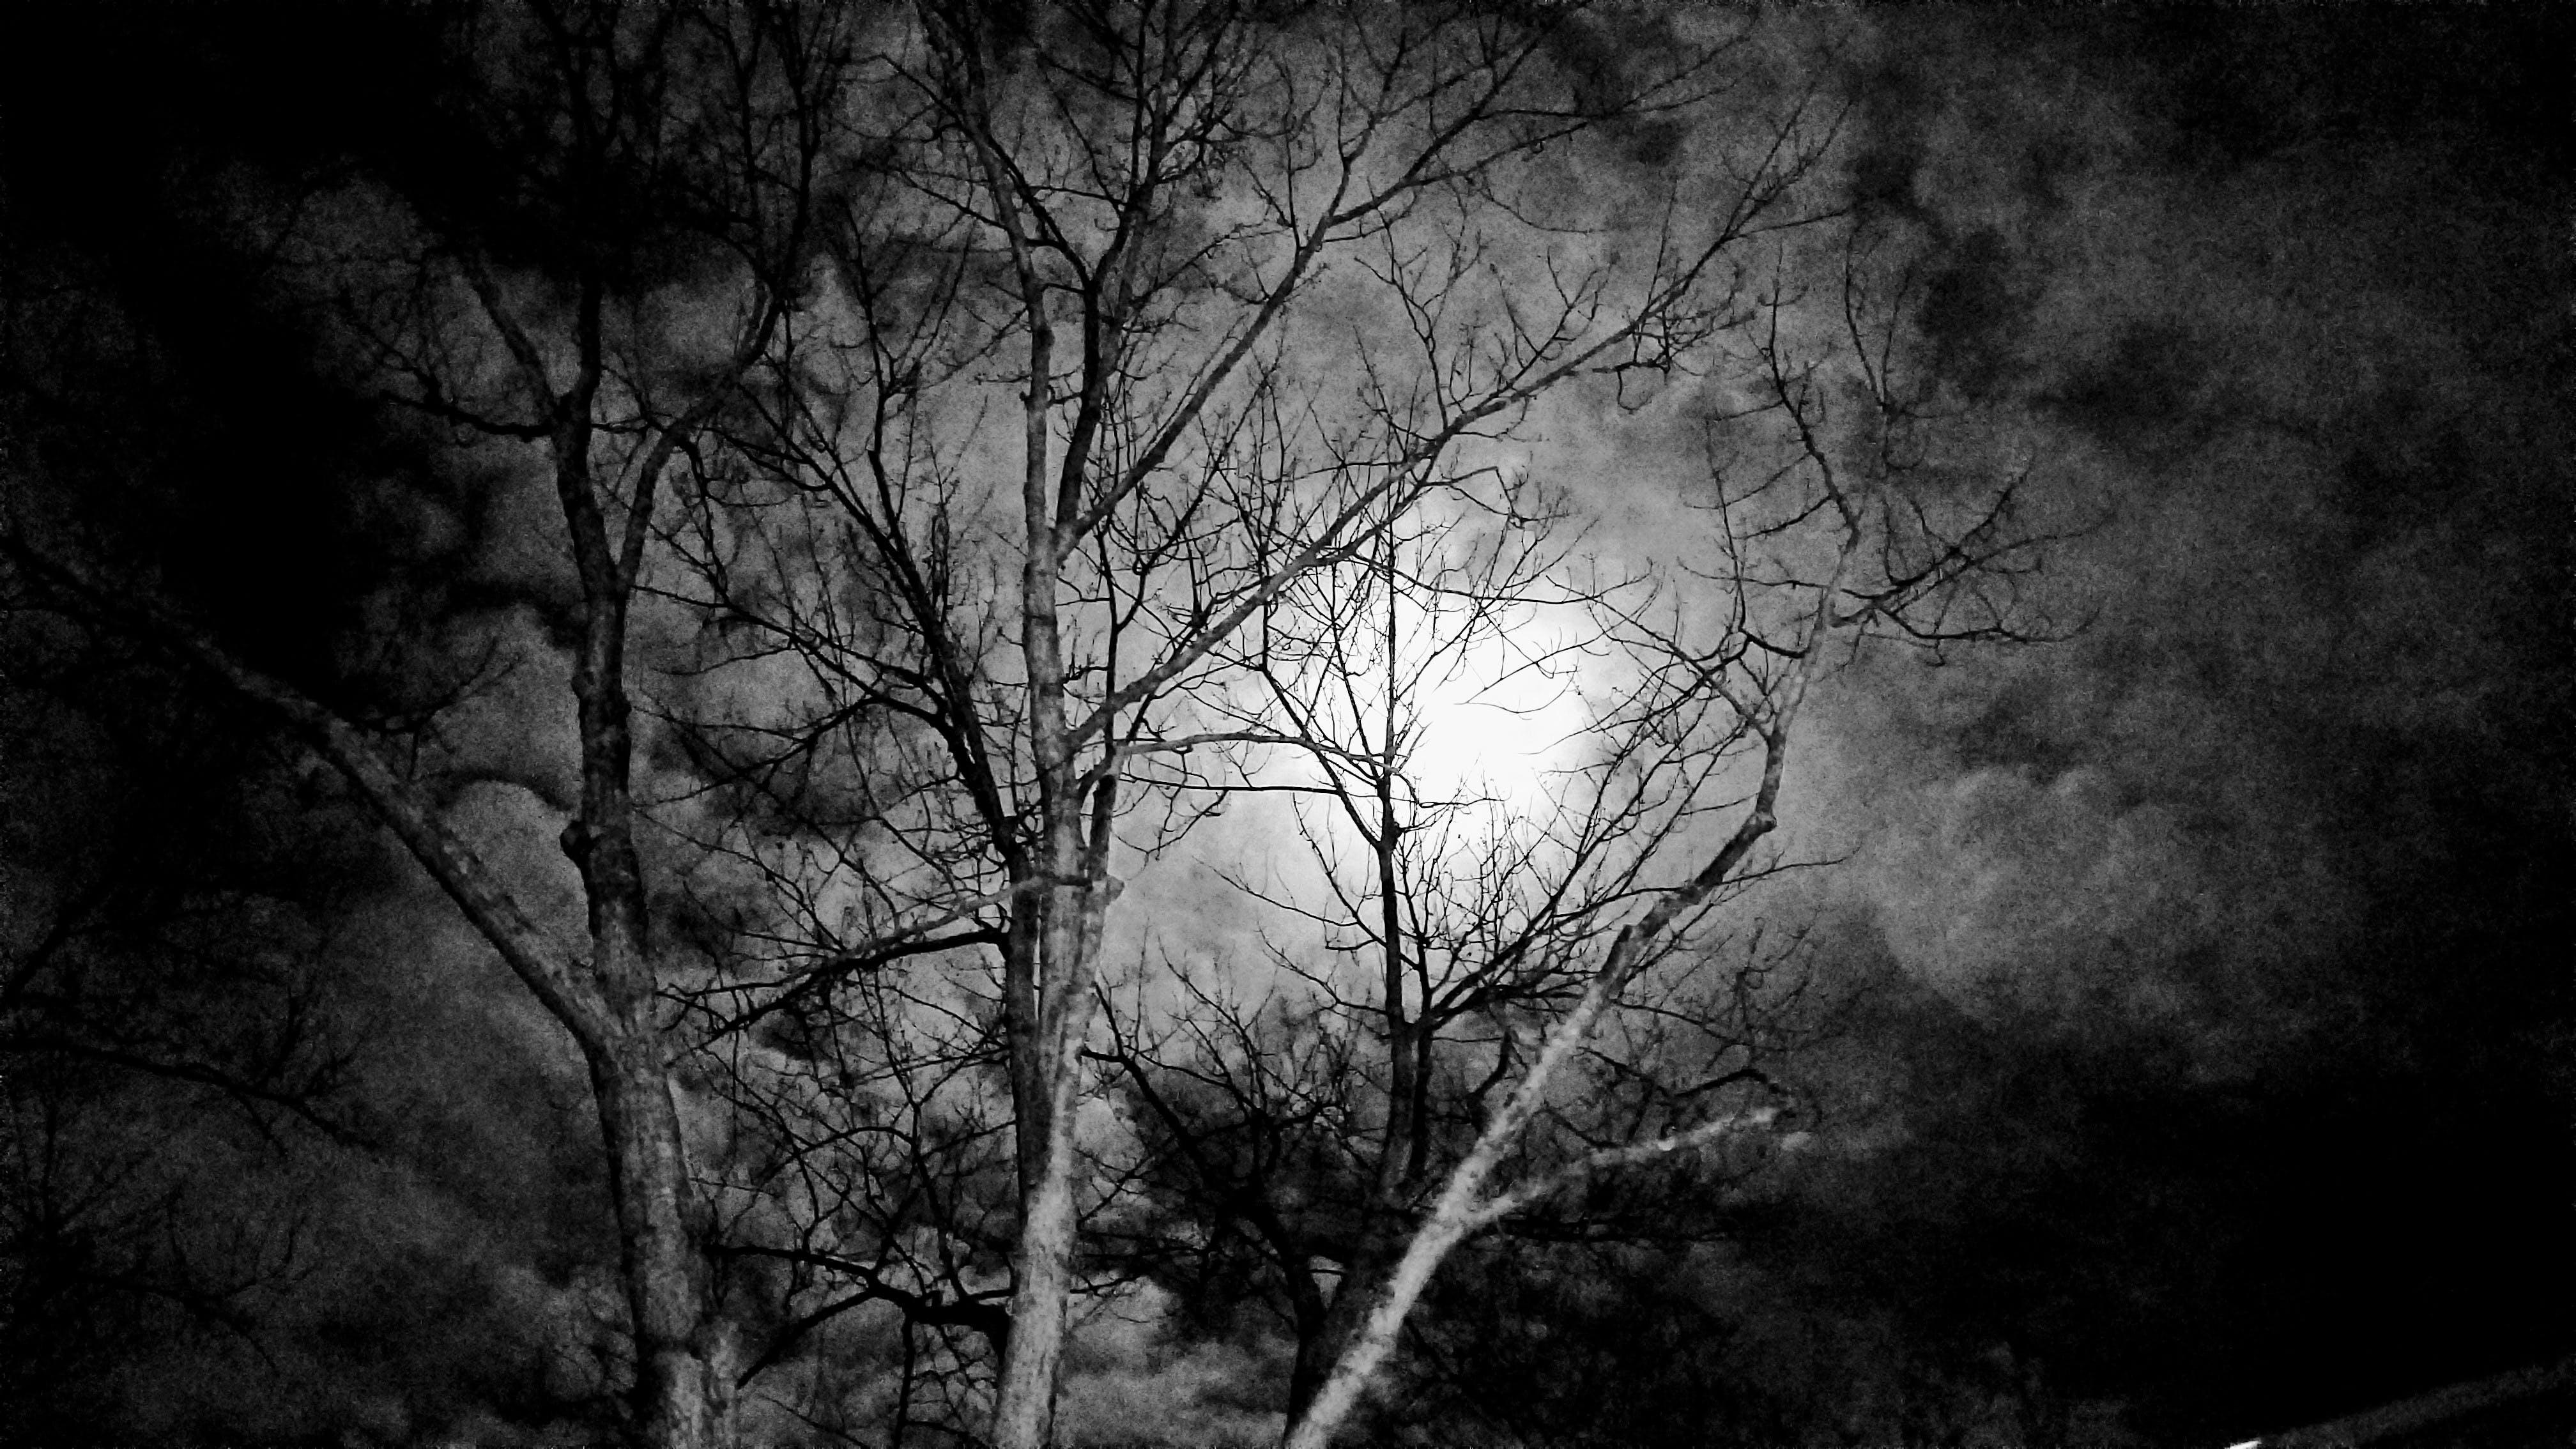 Gratis arkivbilde med mørk natt, nifs